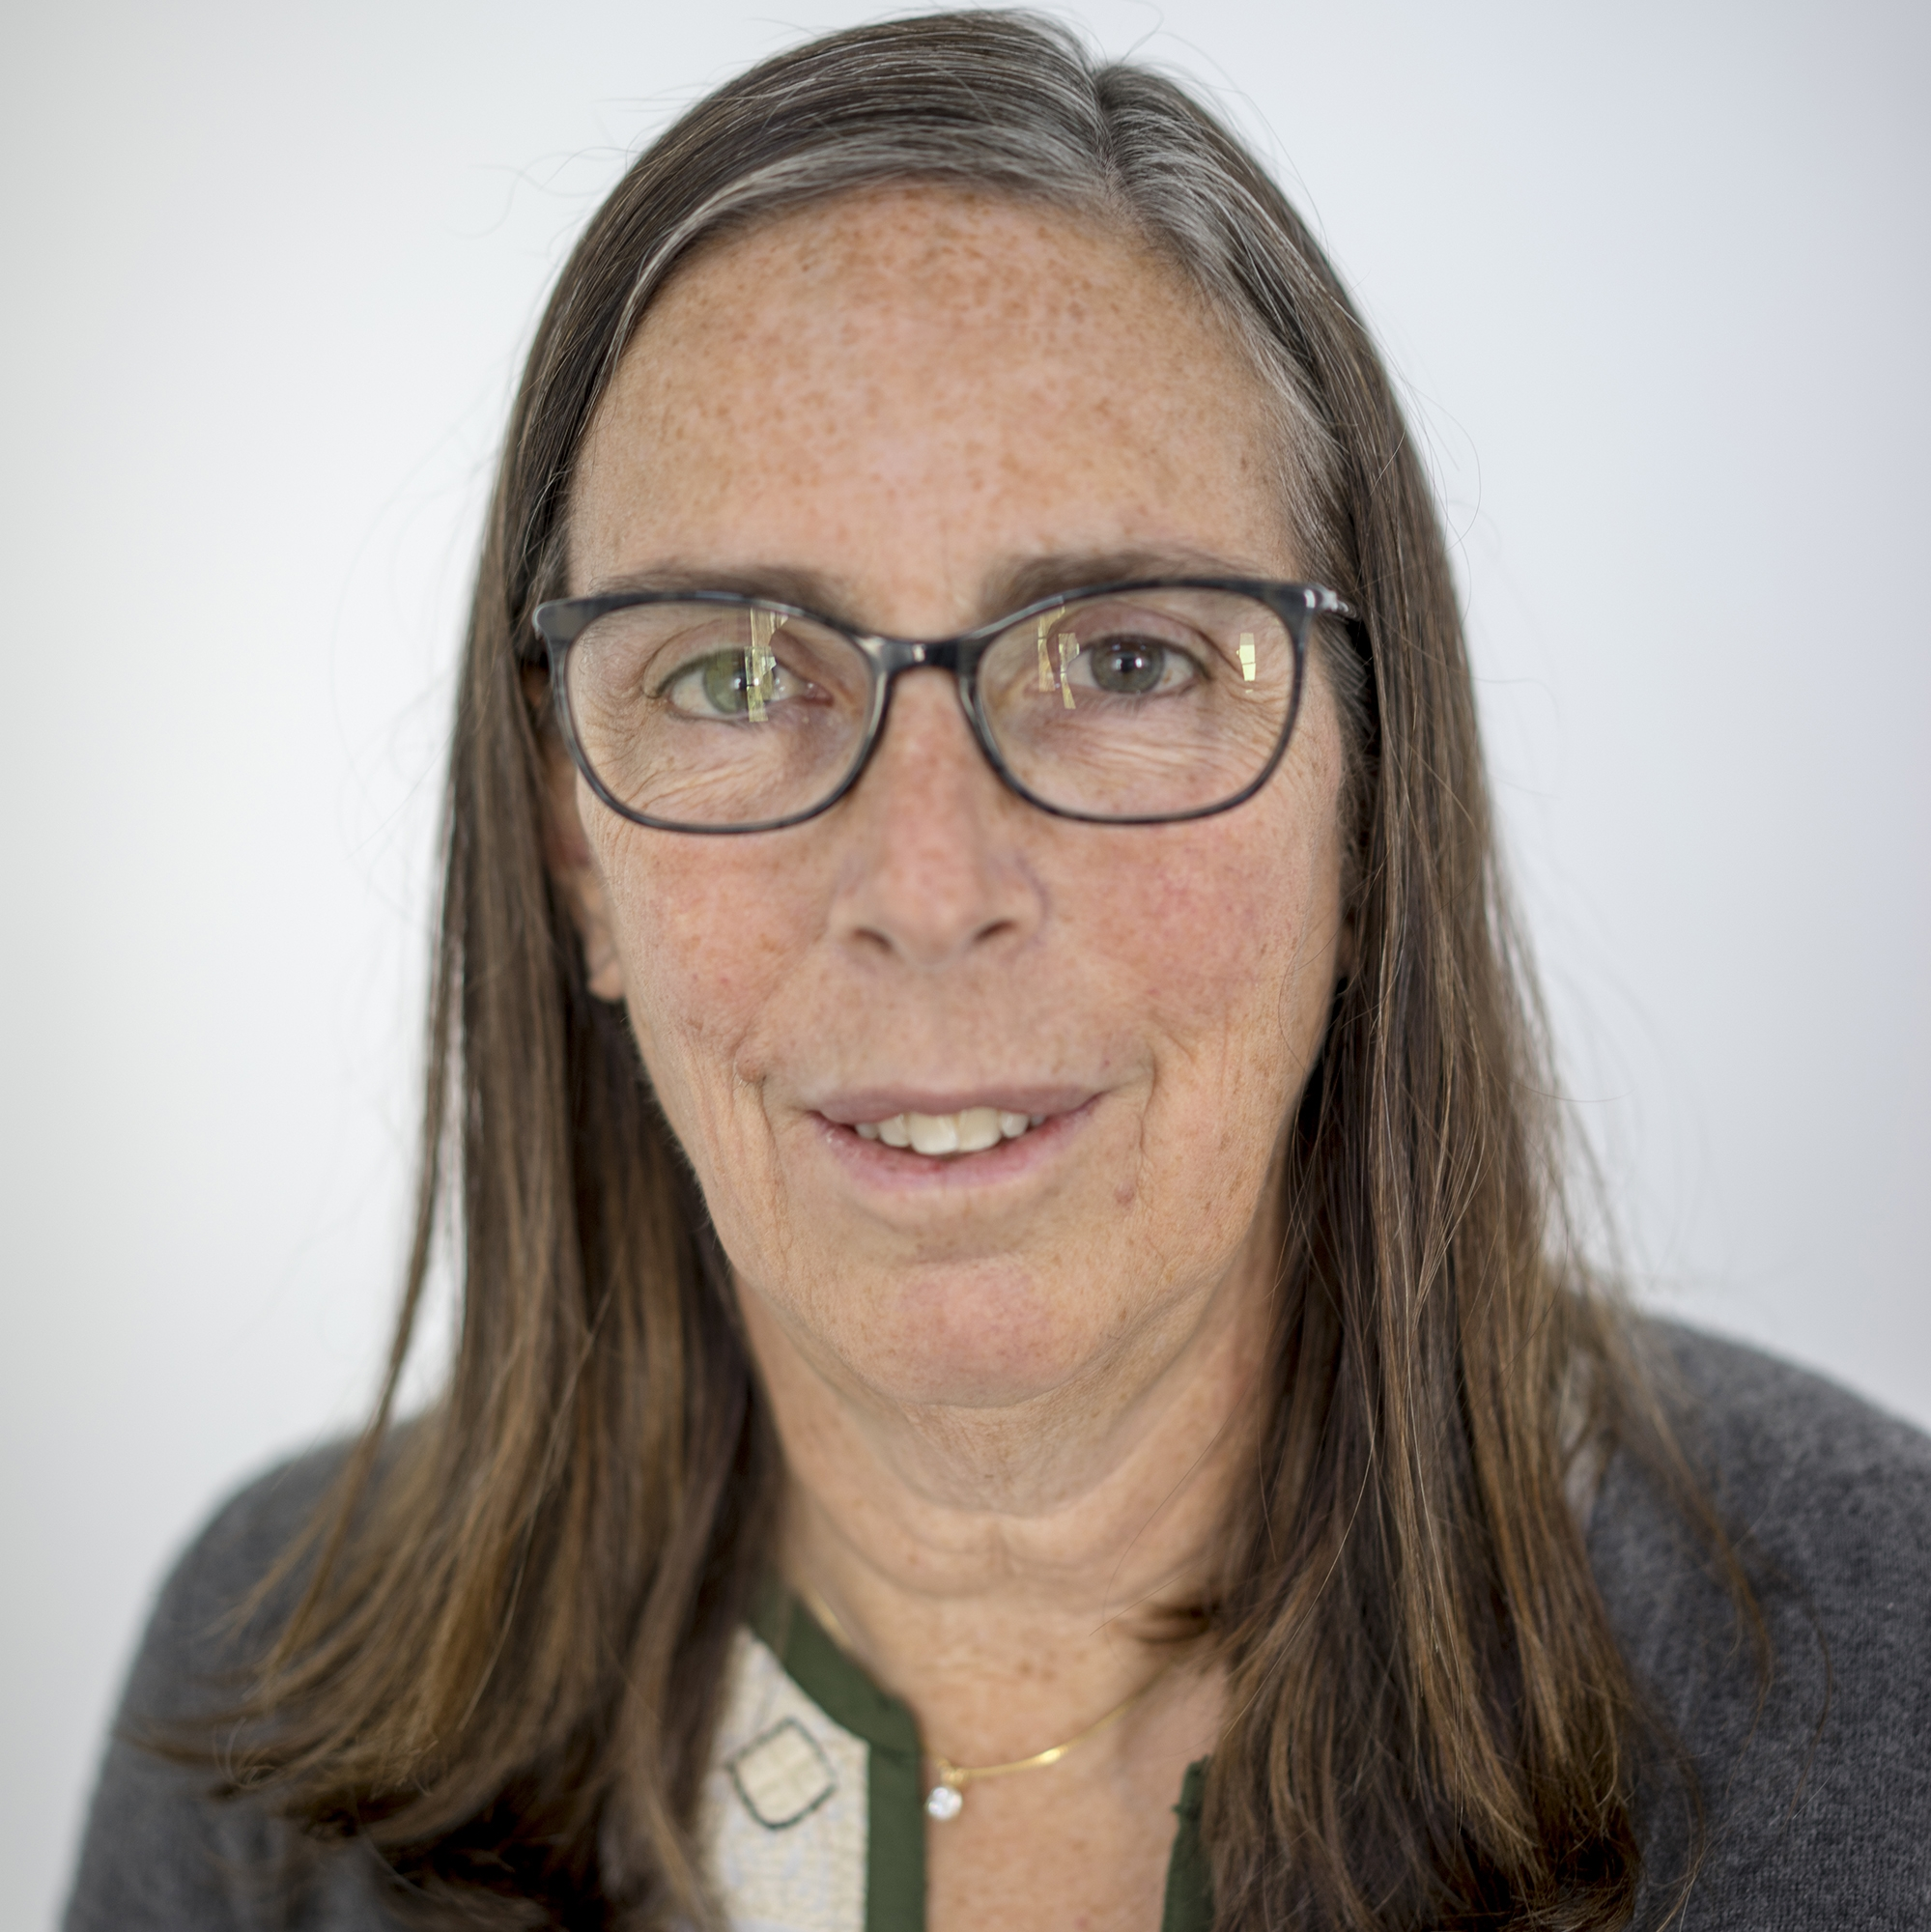 Priscilla Mainardi